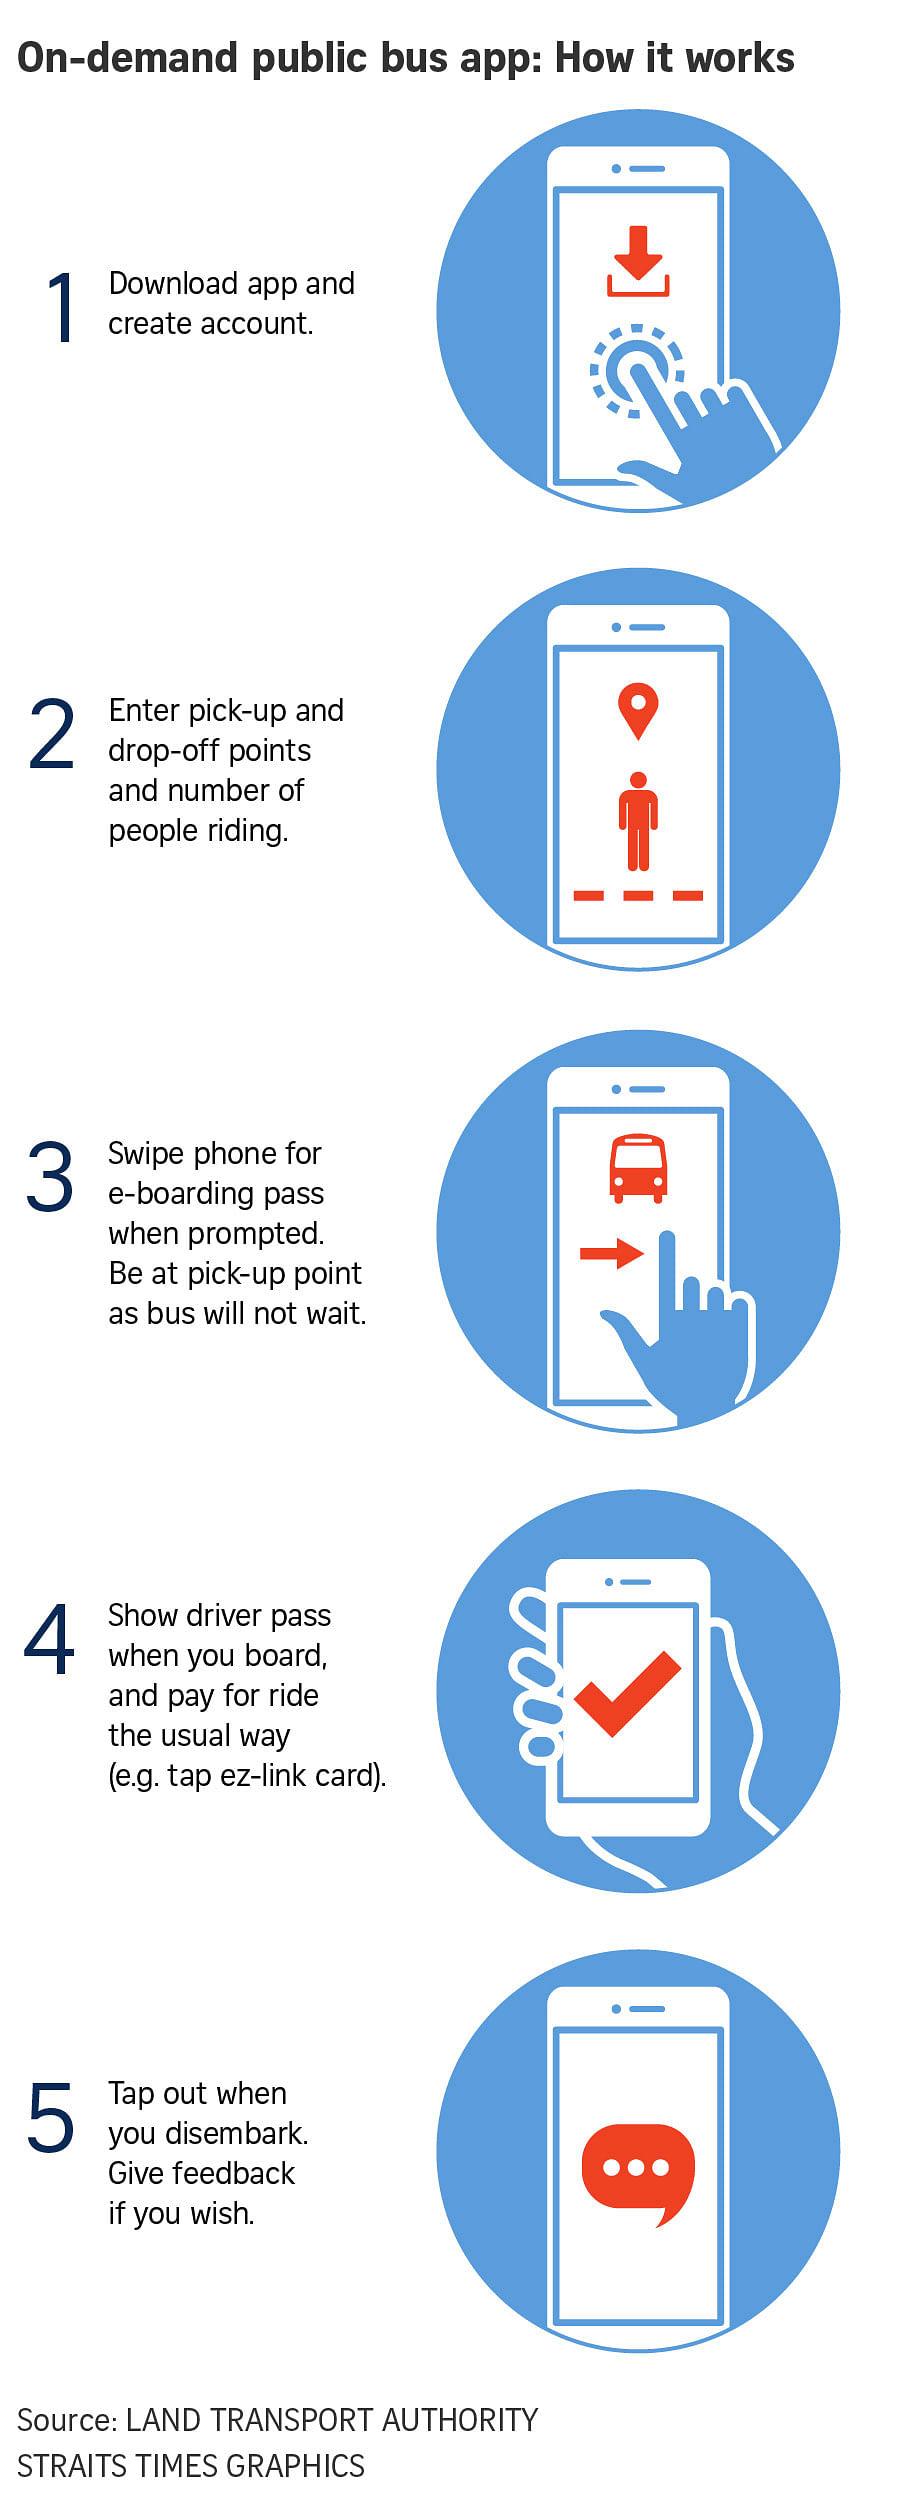 181203_on-demand-buses-app_online.jpg